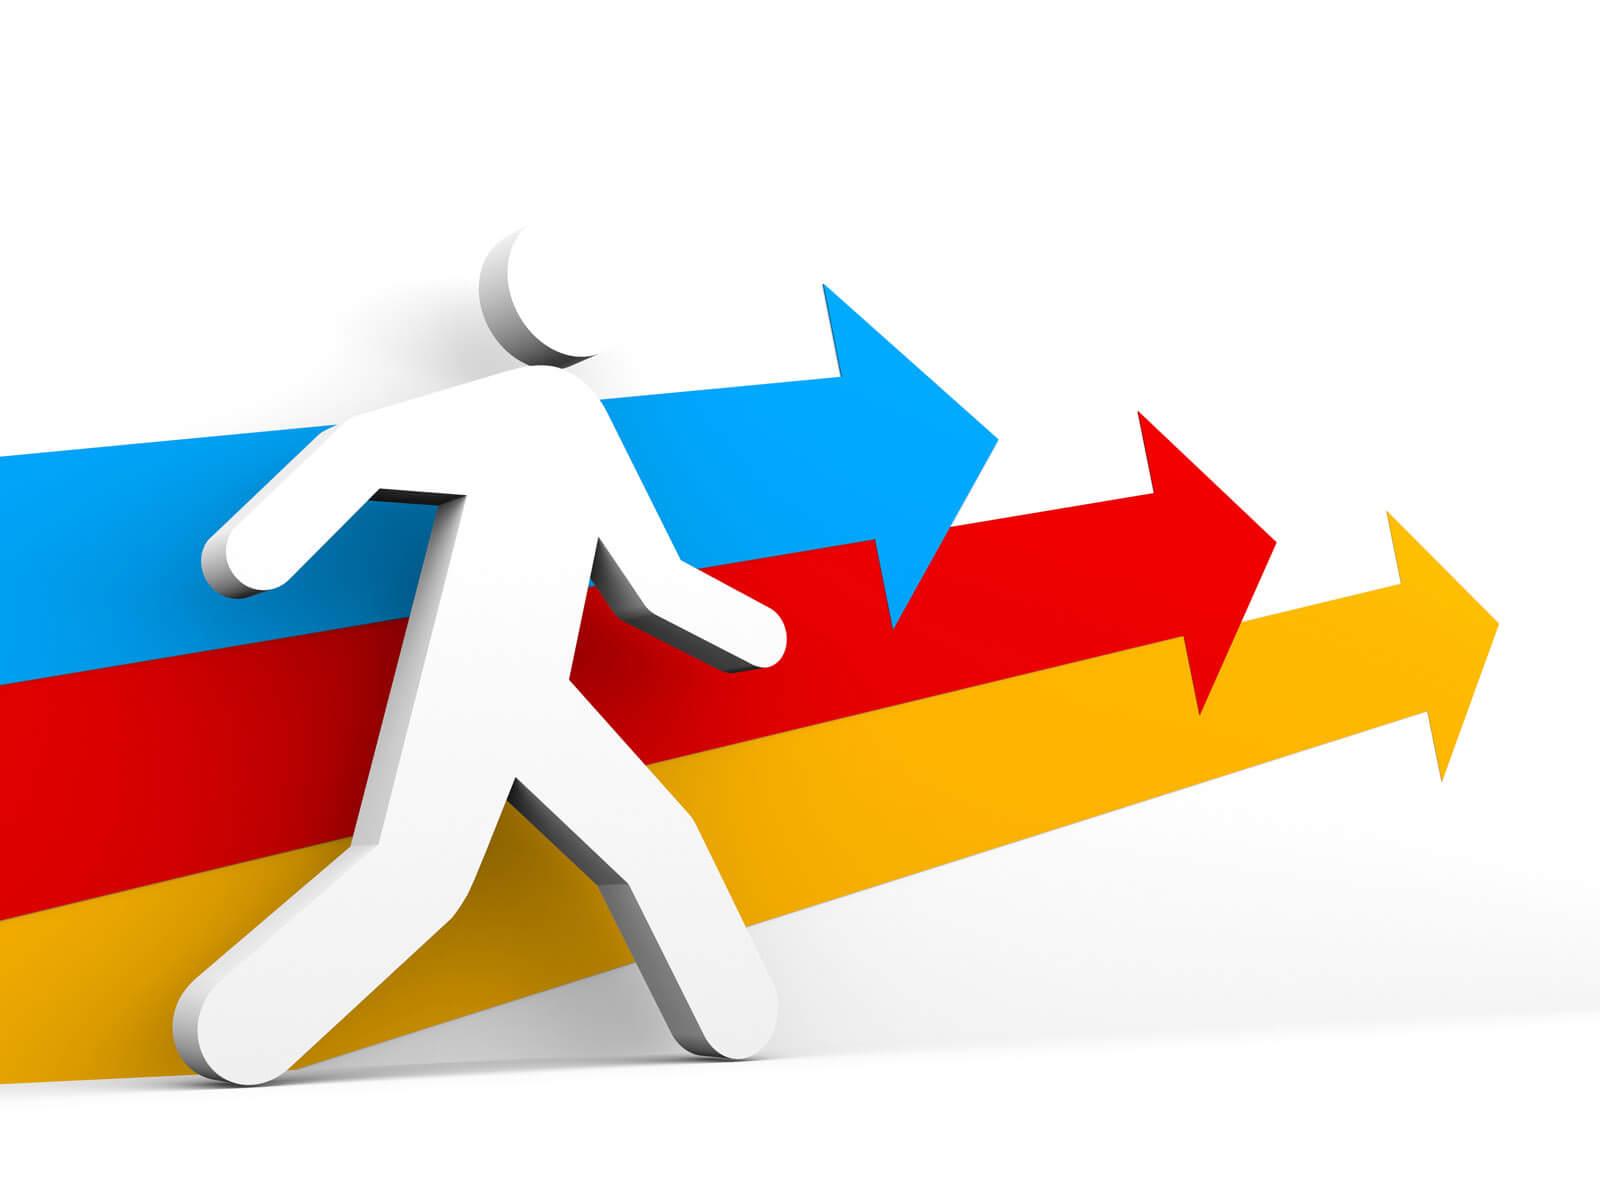 Порядок покупки квартиры на вторичном рынке: правила и порядок оформления процедуры, существующие риски, схема и этапы покупки вторичной квартиры, необходимые документы